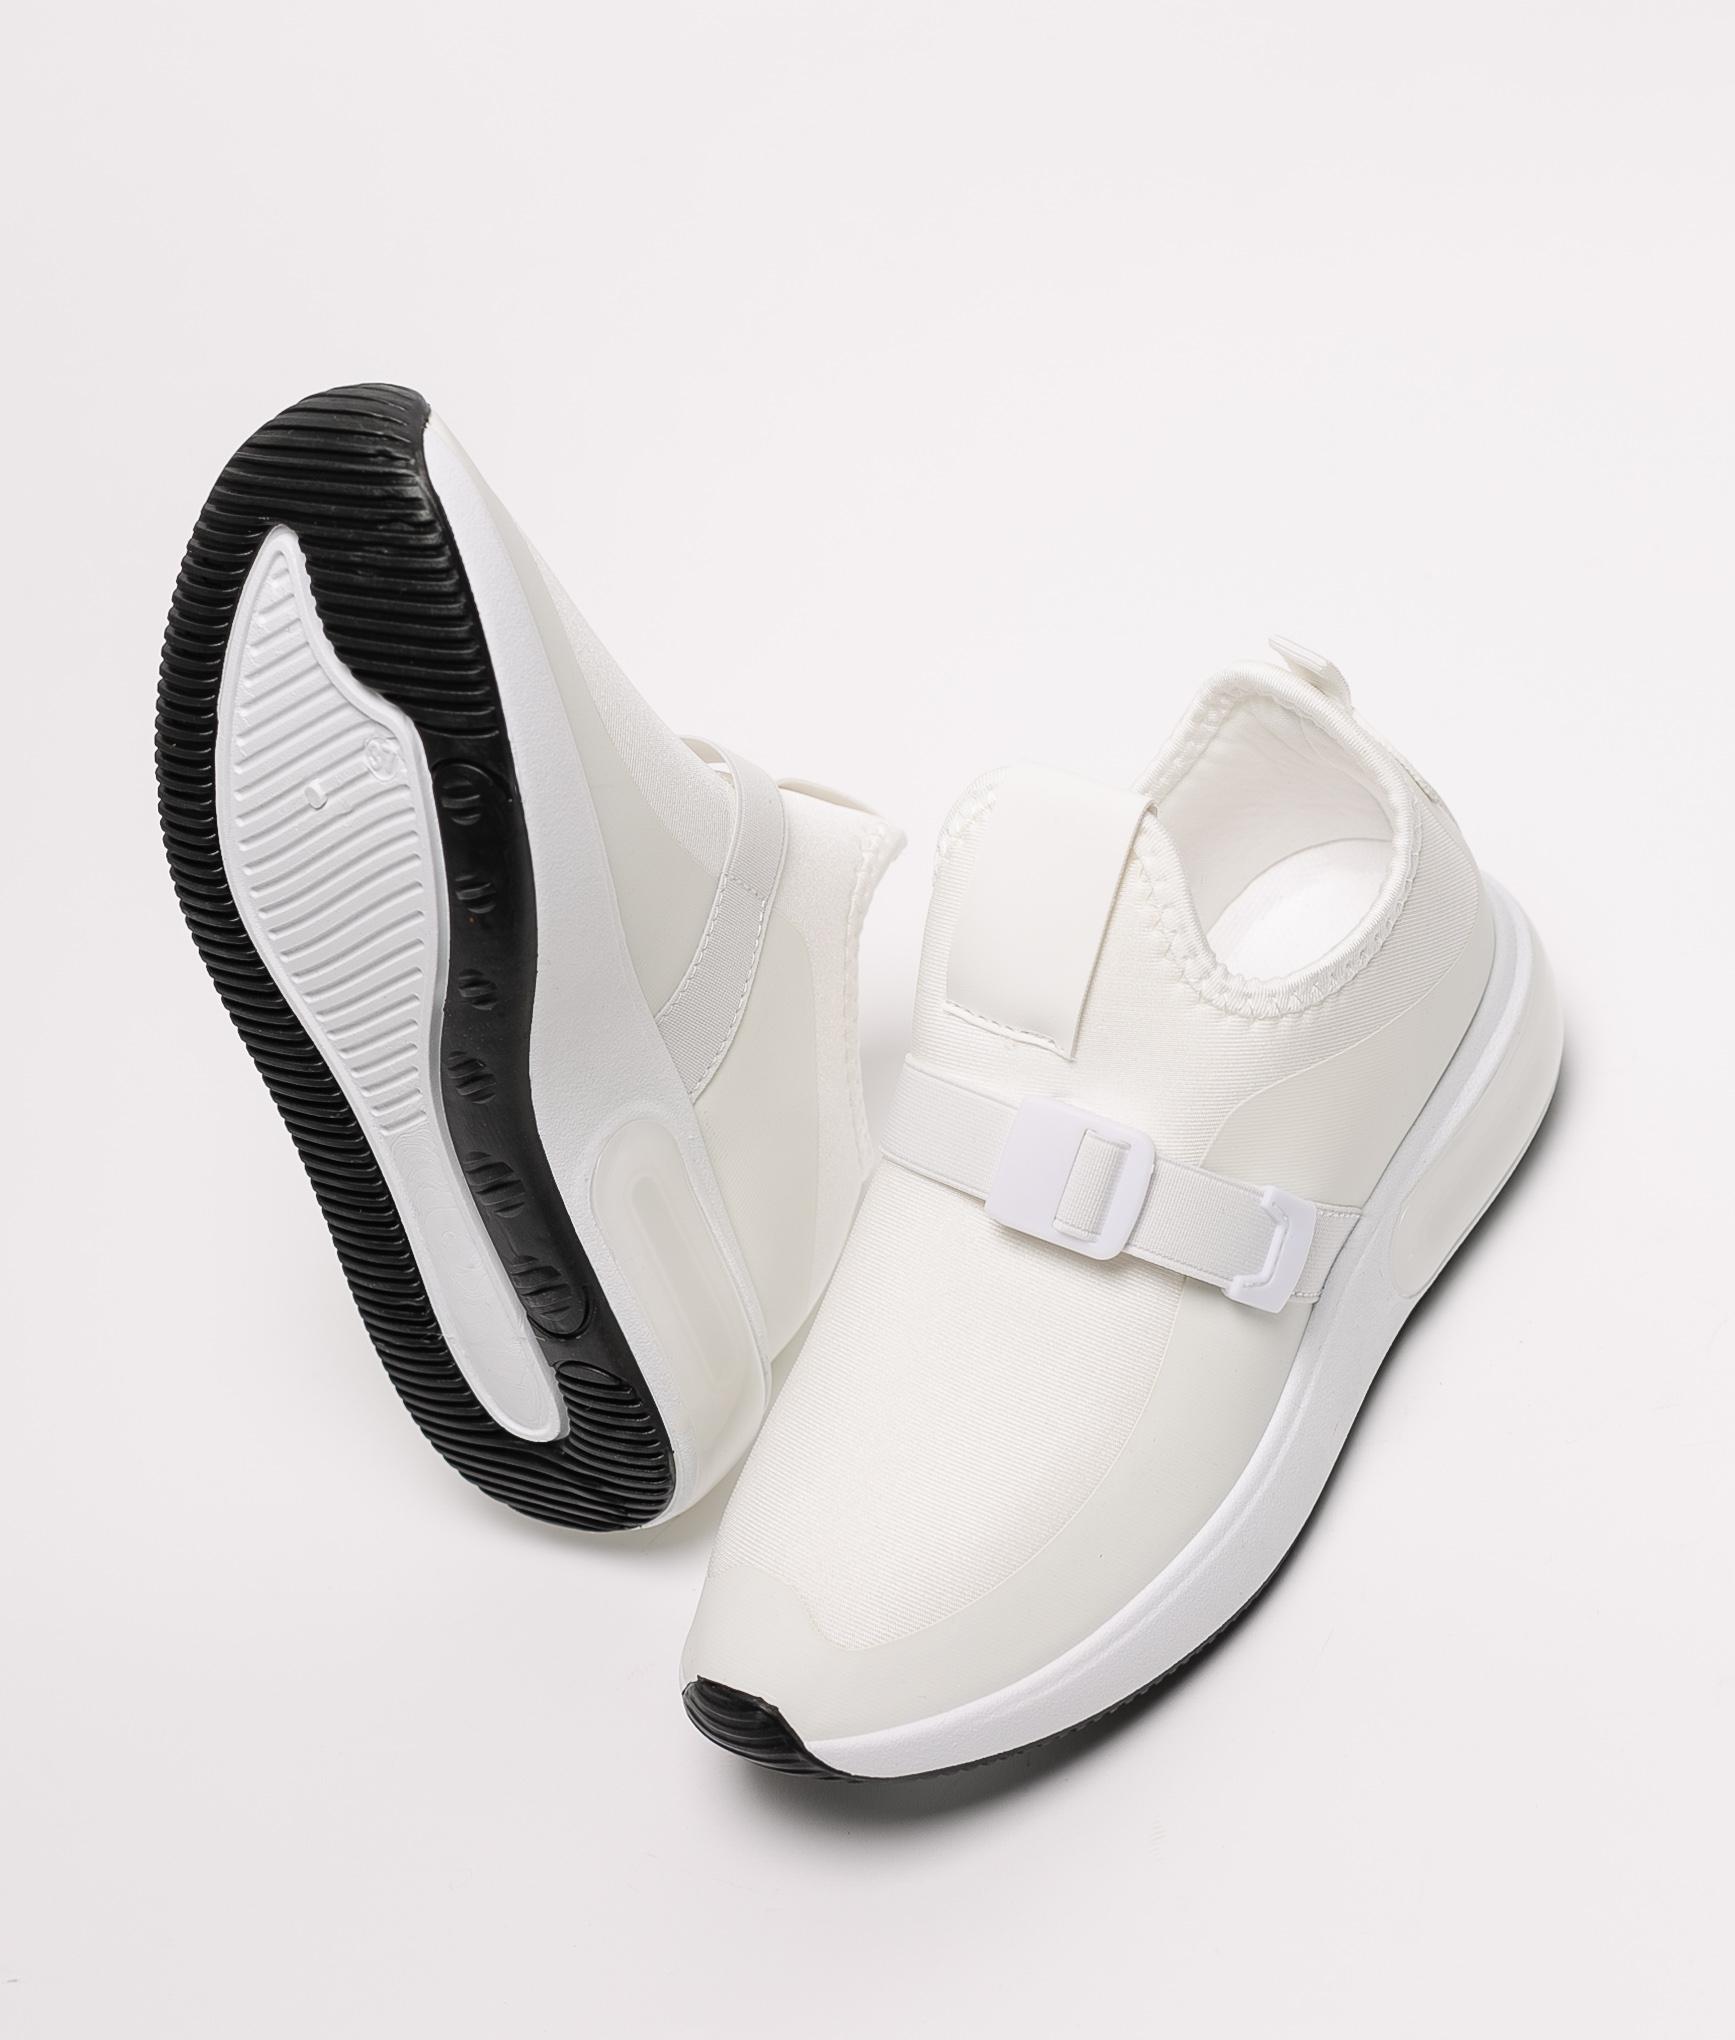 Sneakers Neo - Branco